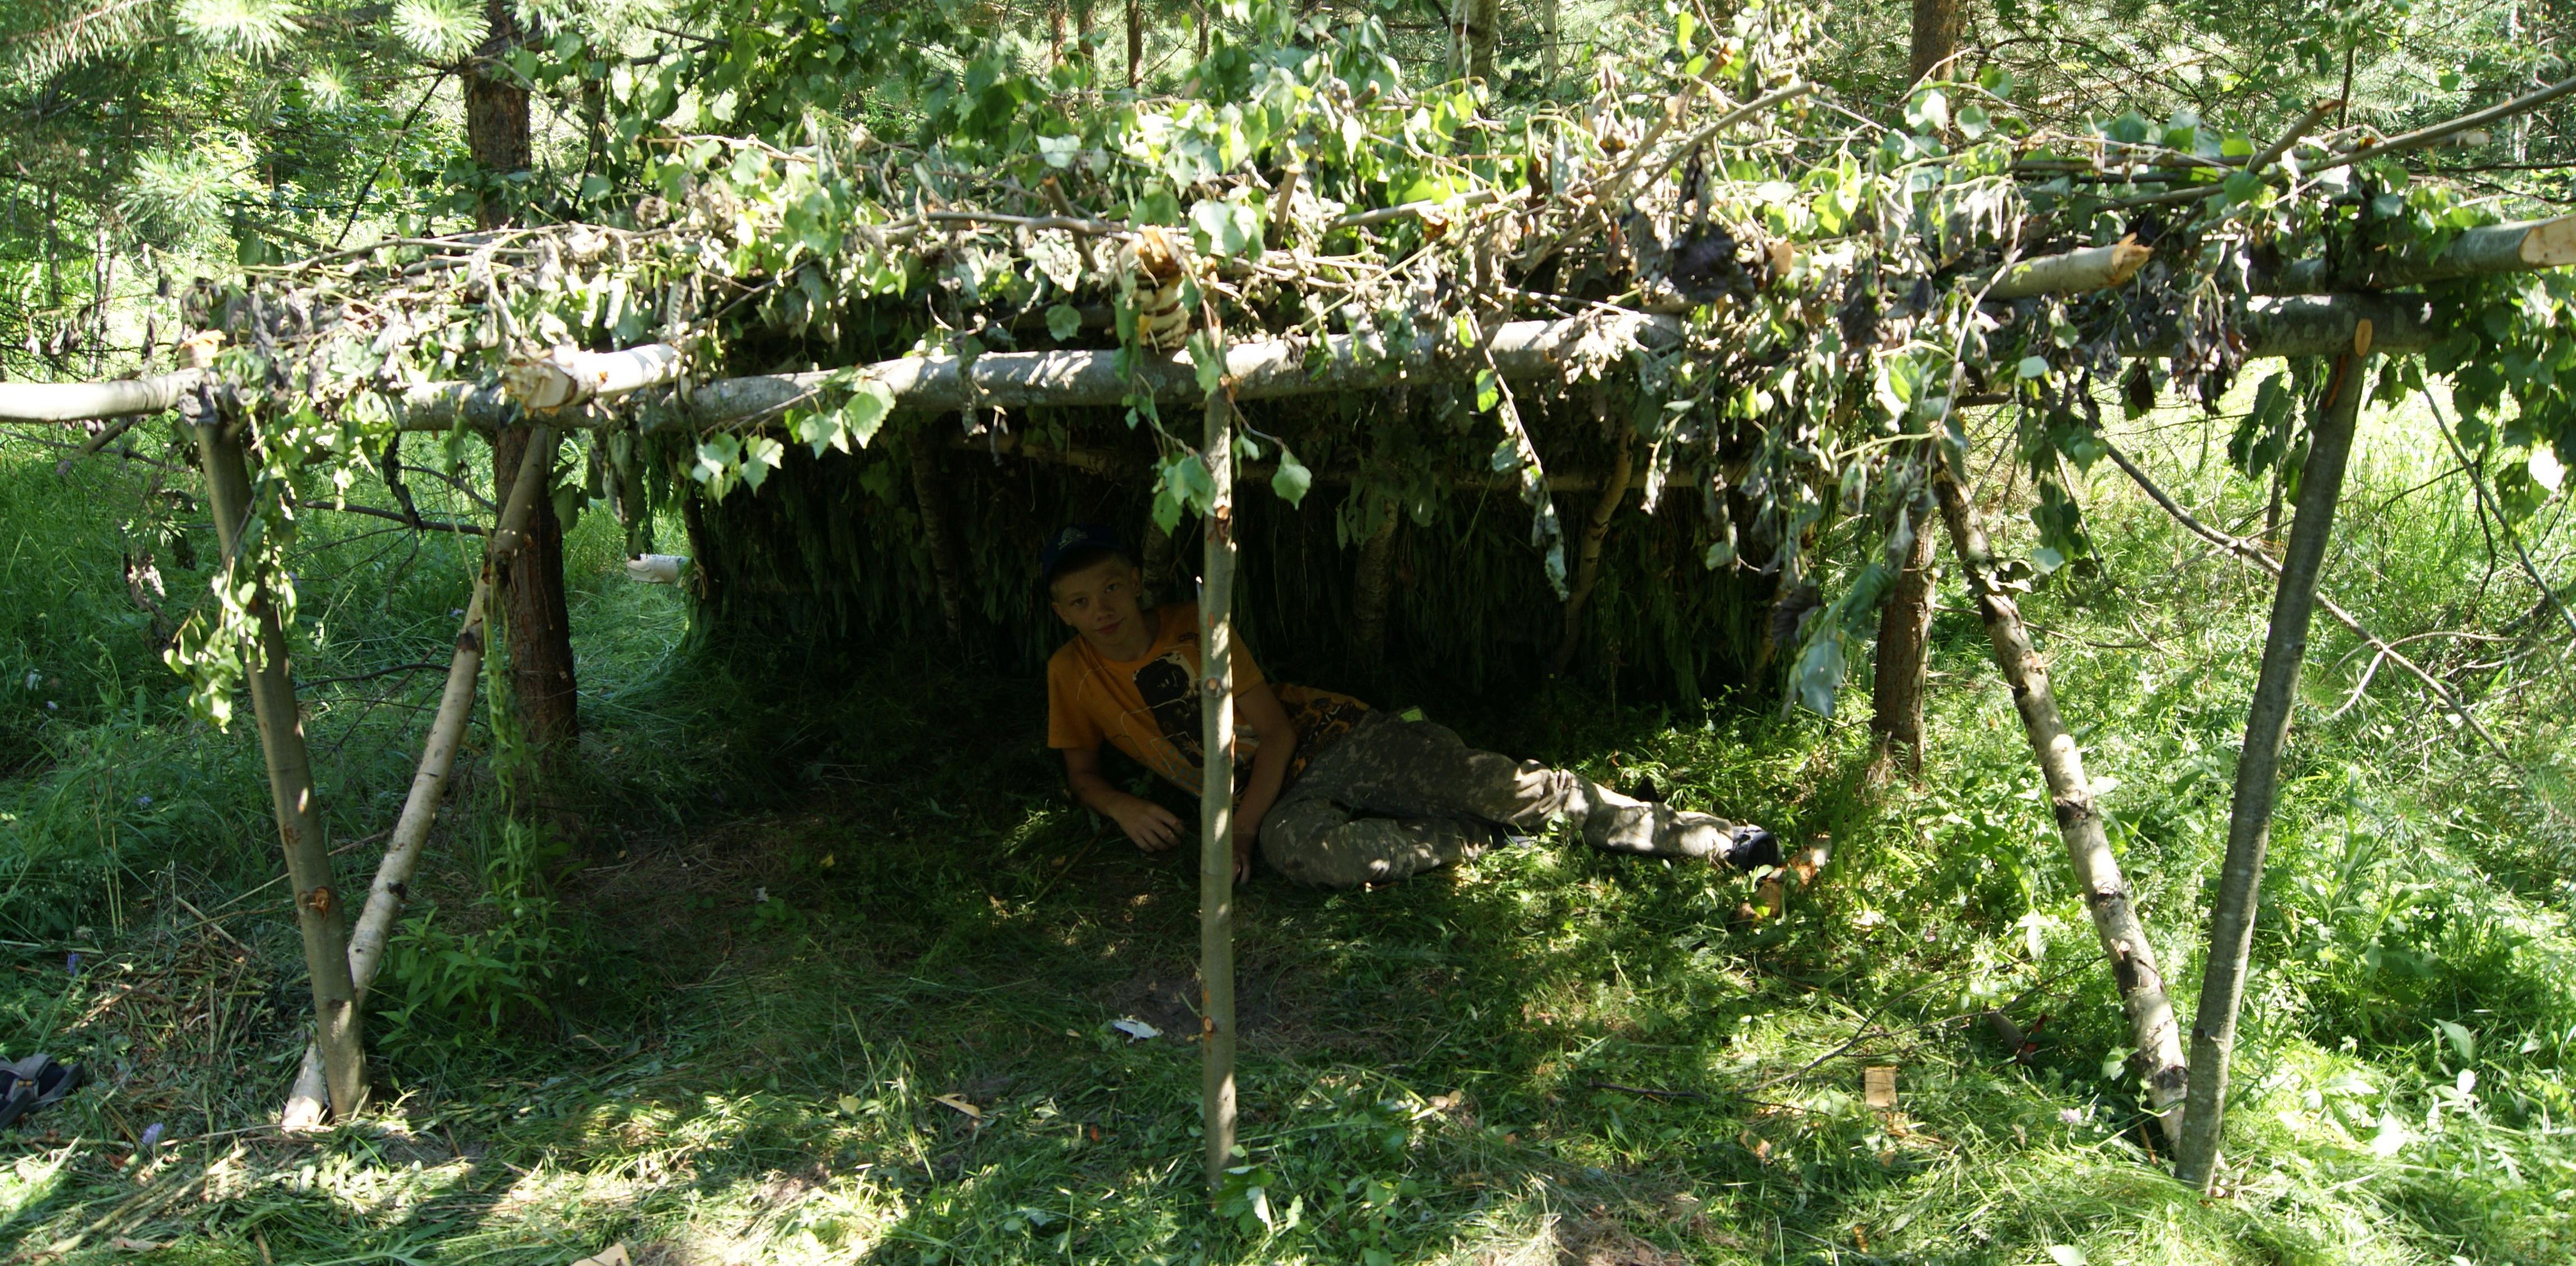 <span>Постановка и обеспечение лагеря (палатки, тенты, кухня, костры, узлы)</span>